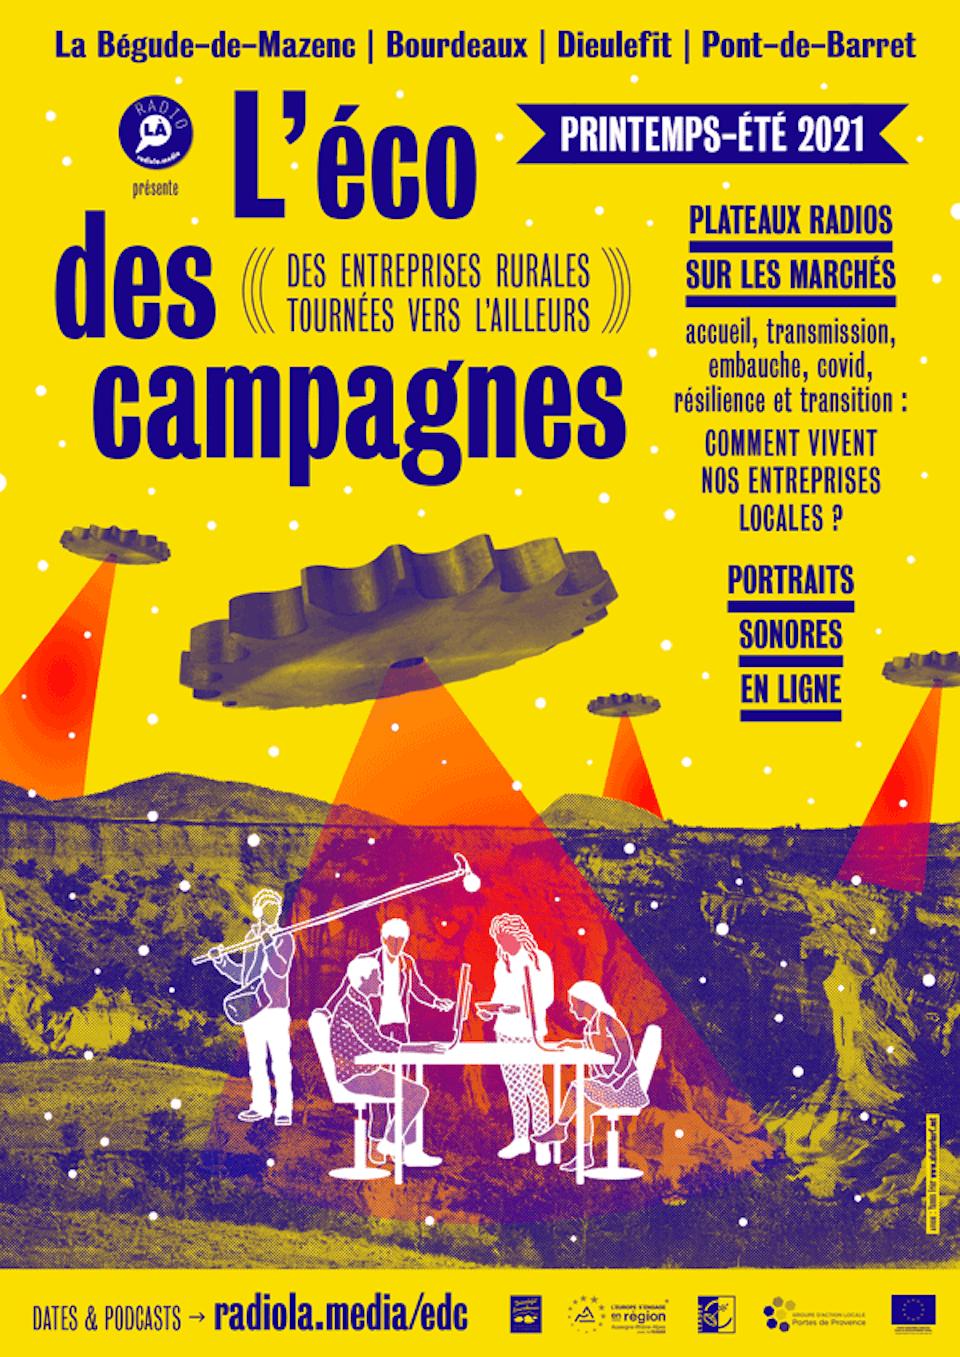 L'éco des campagnes | RadioLà, Dieulefit [2021]